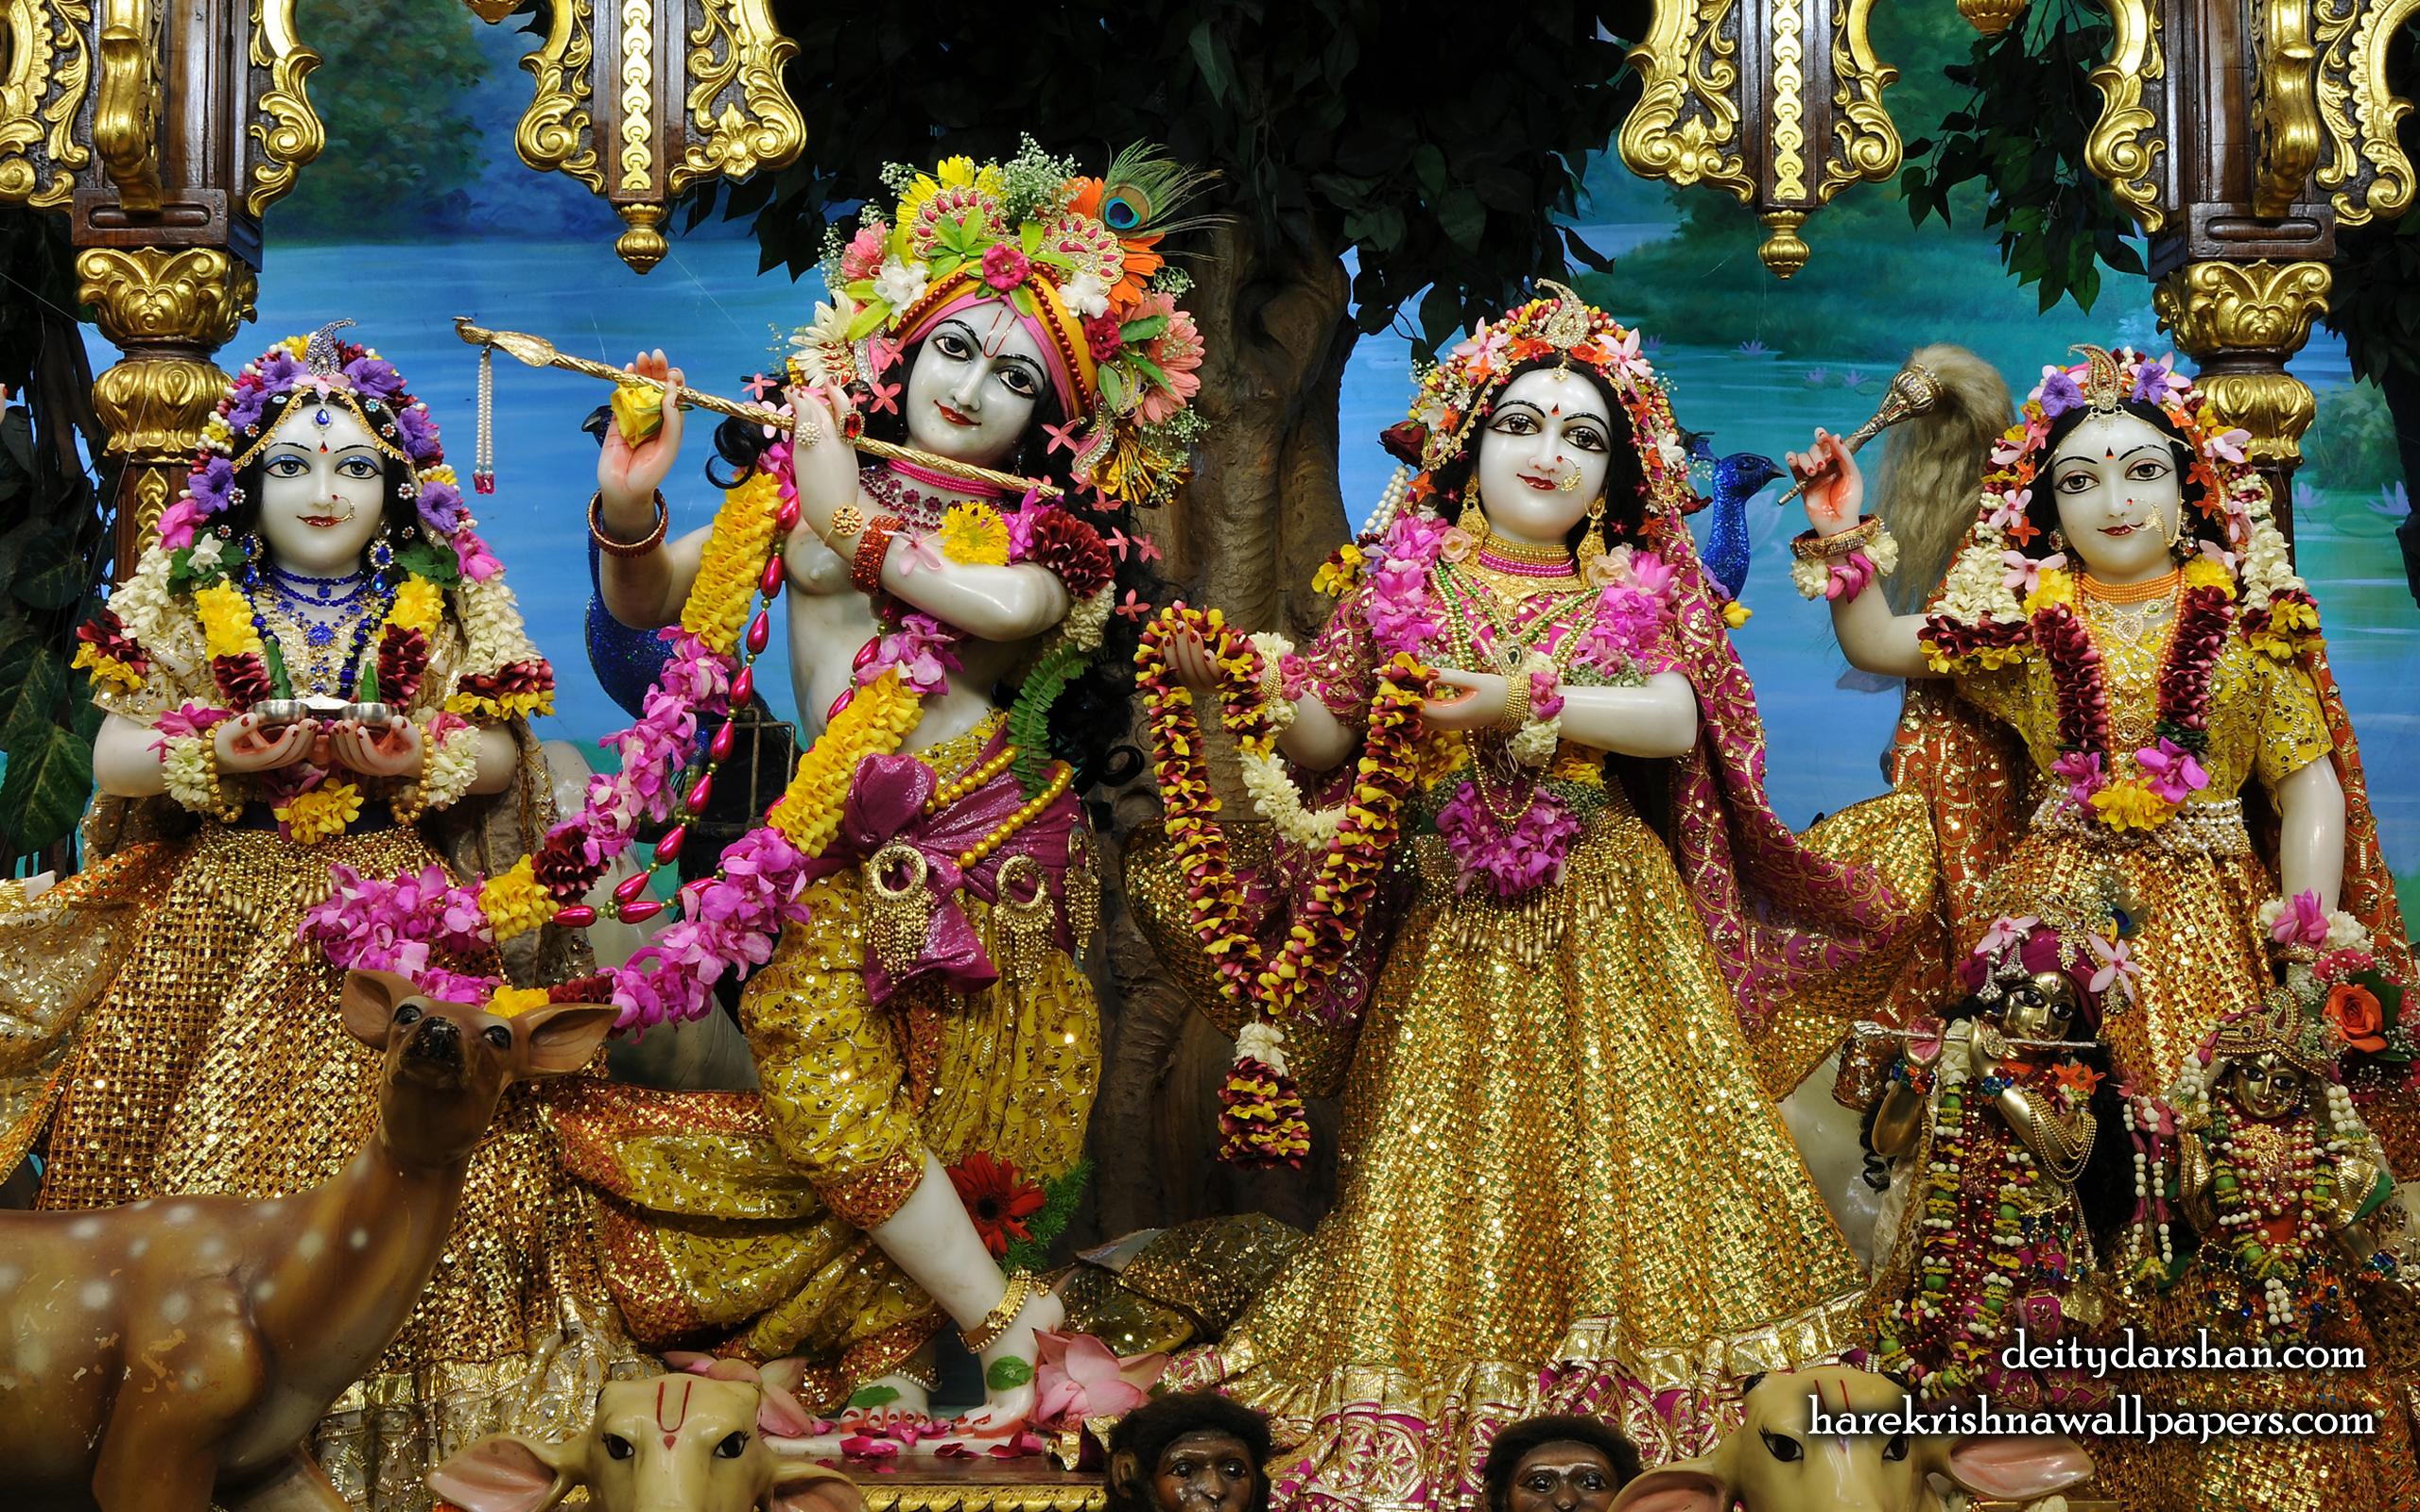 Sri Sri Radha Gopinath Lalita Vishakha Wallpaper (066) Size 2560x1600 Download